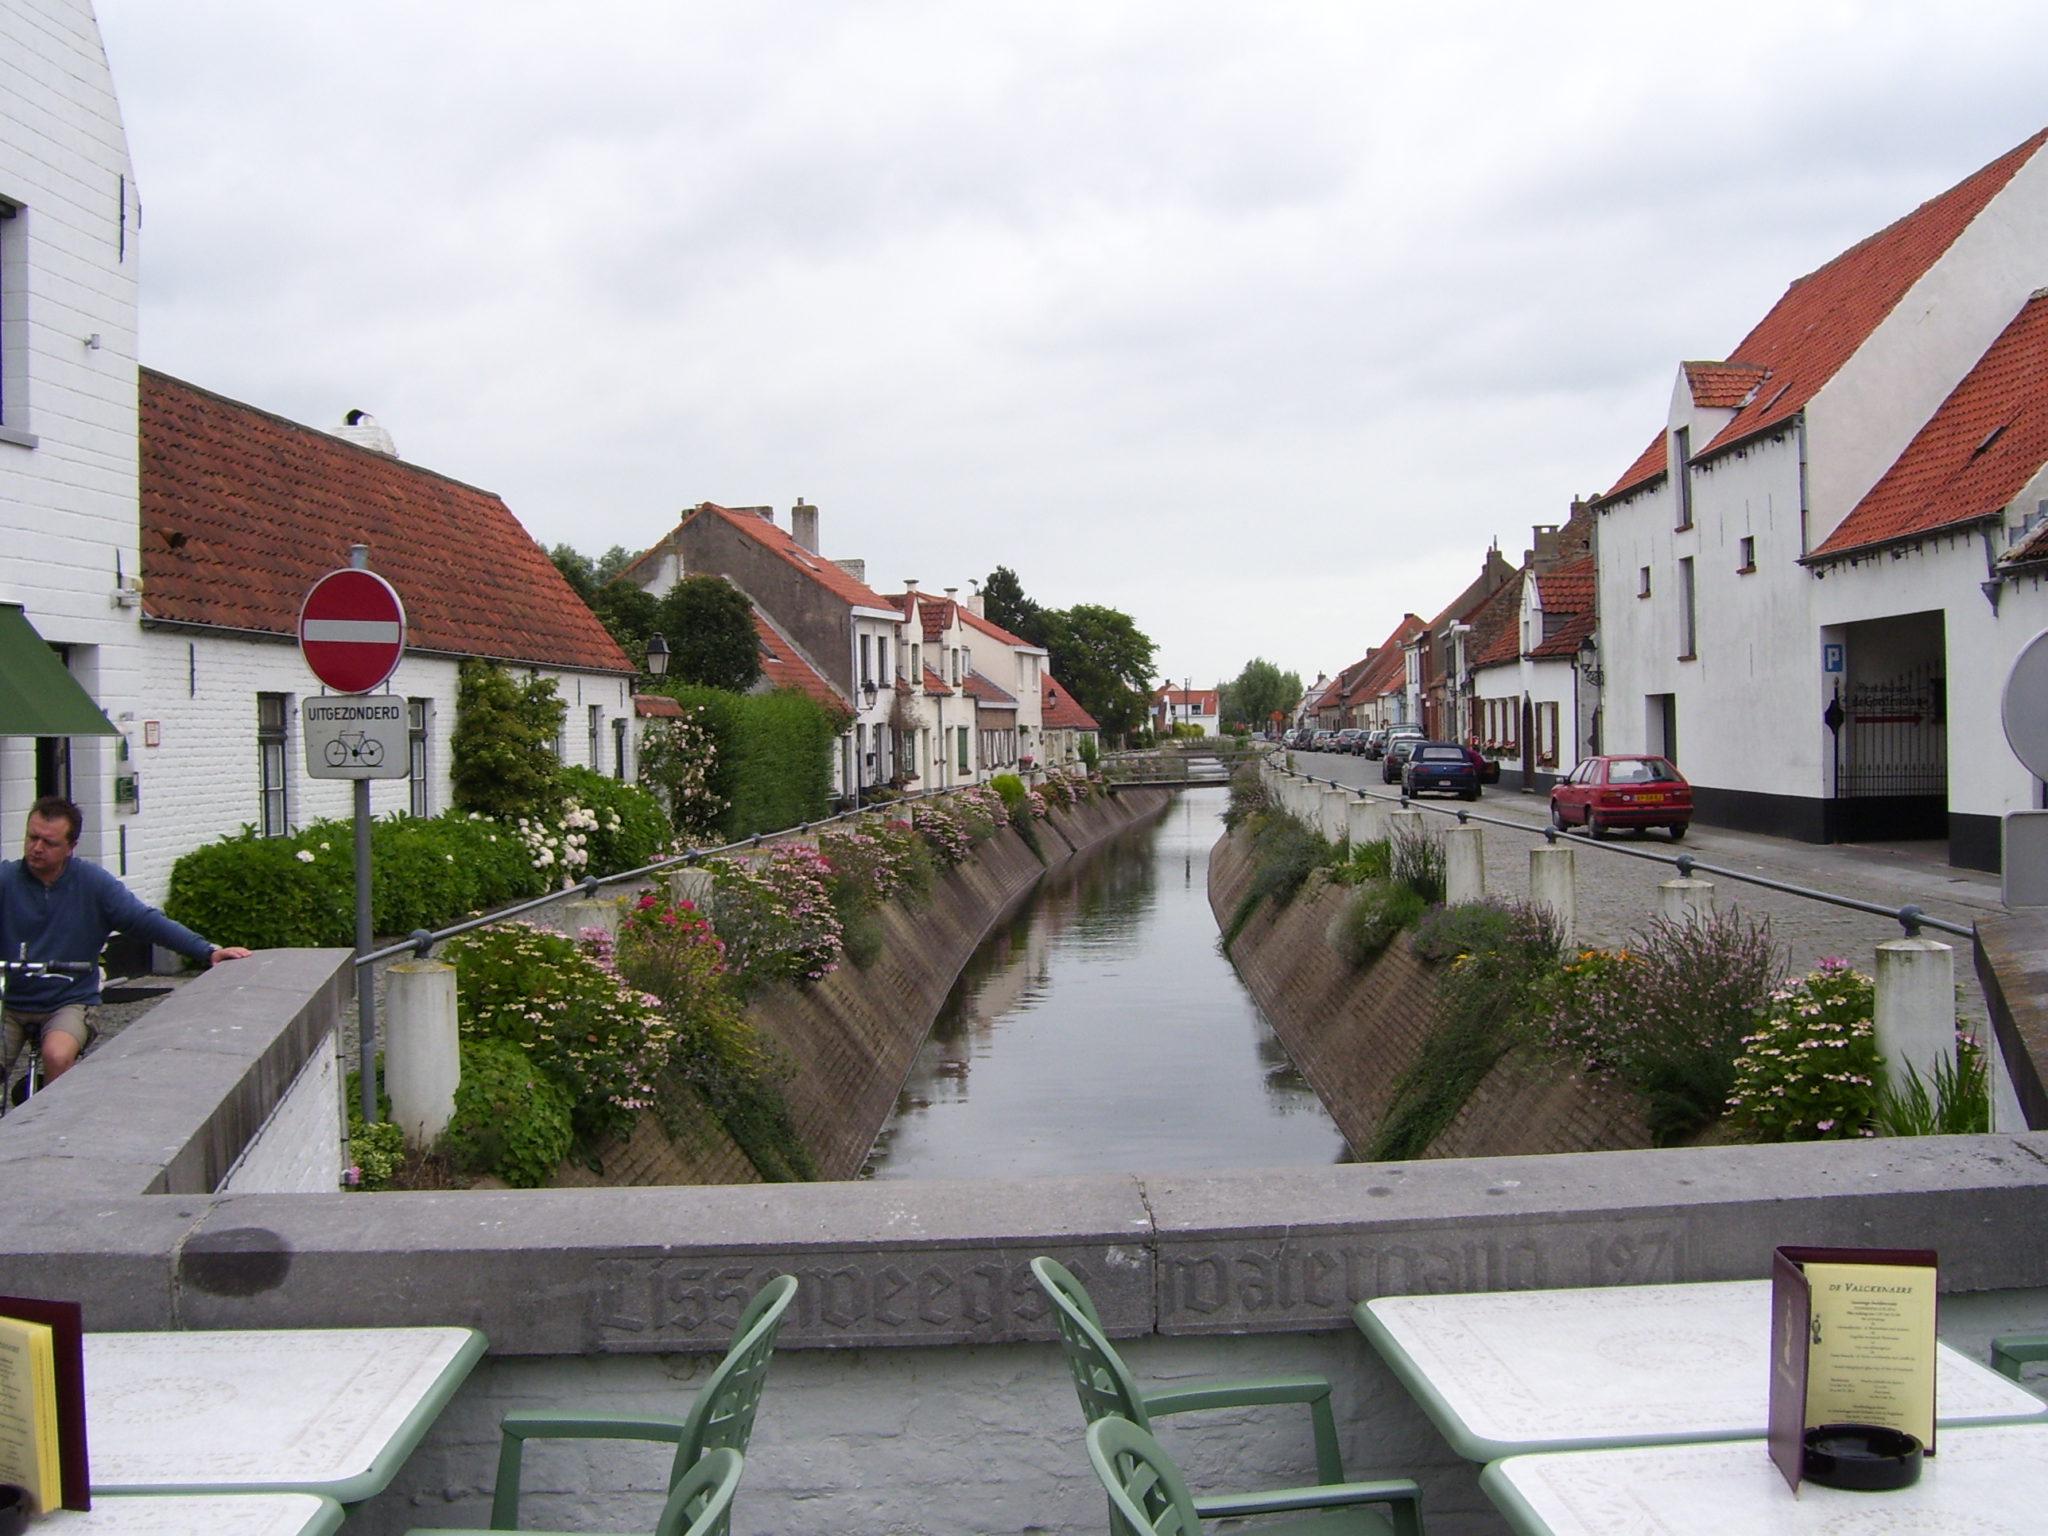 Fietstocht doorheen de polders met start vanuit Lissewege.